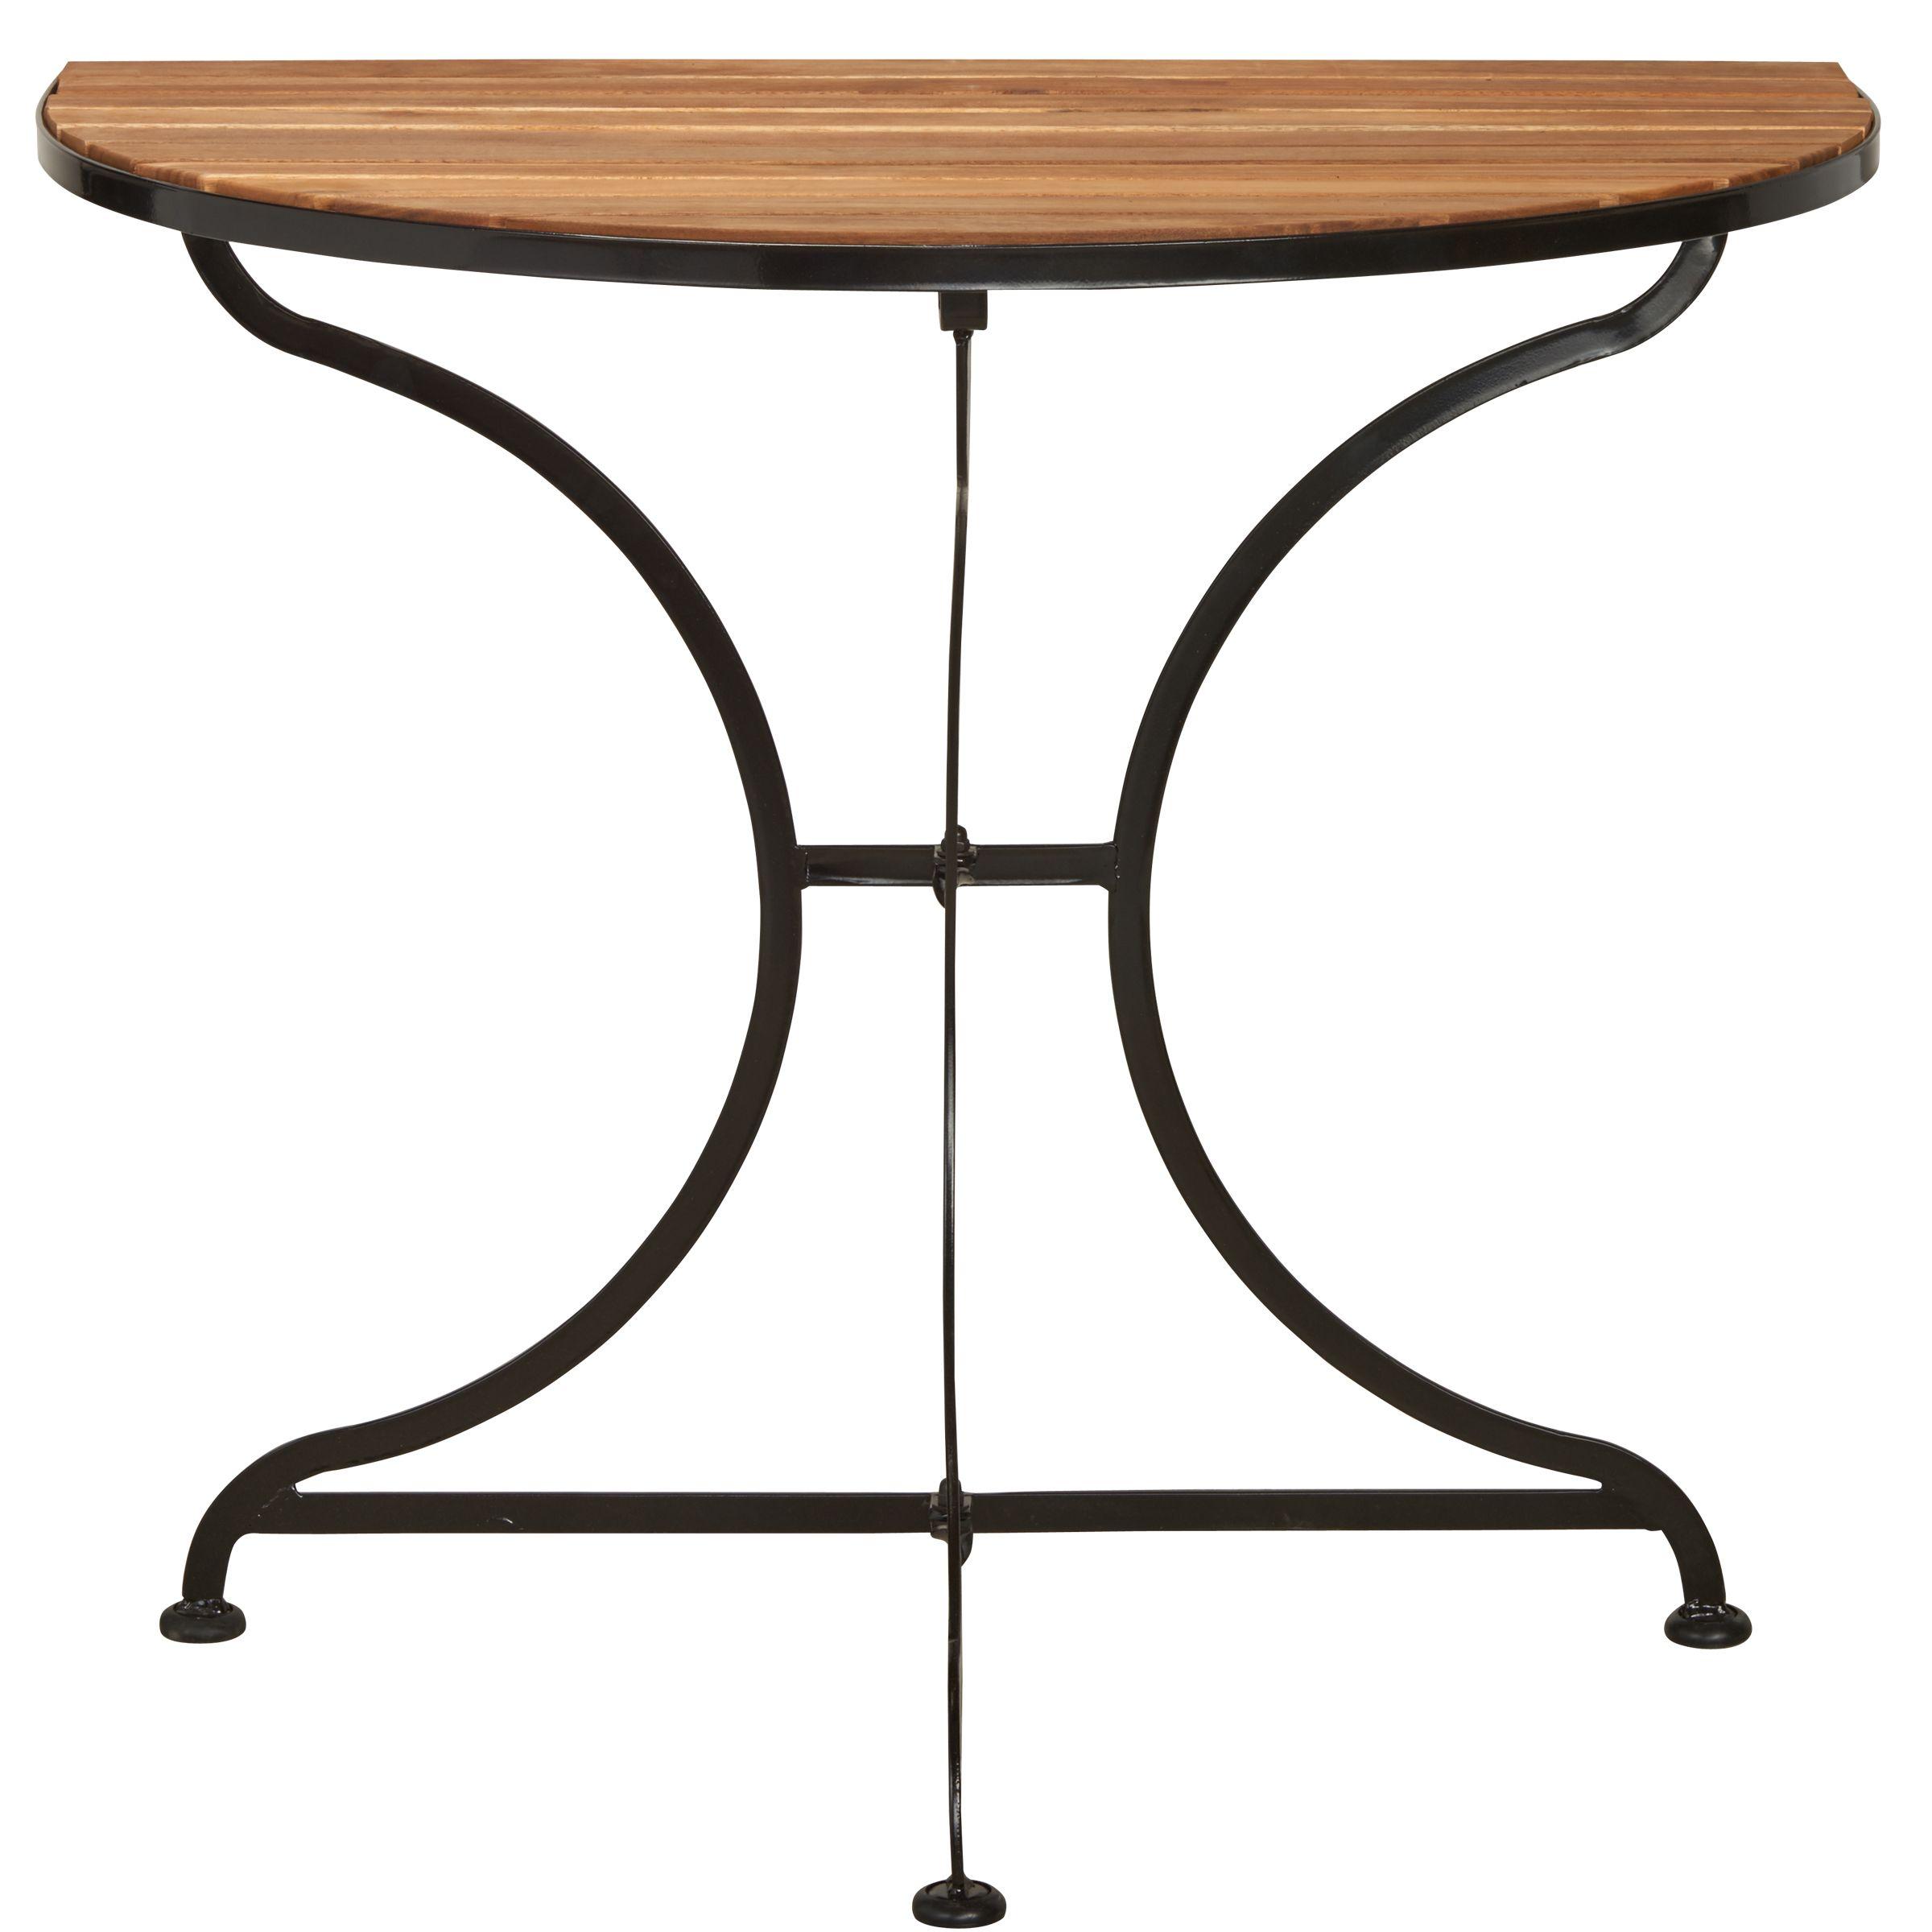 Parklife Balkon Tisch Halbrund Klapptisch Tisch Klapptisch Holz